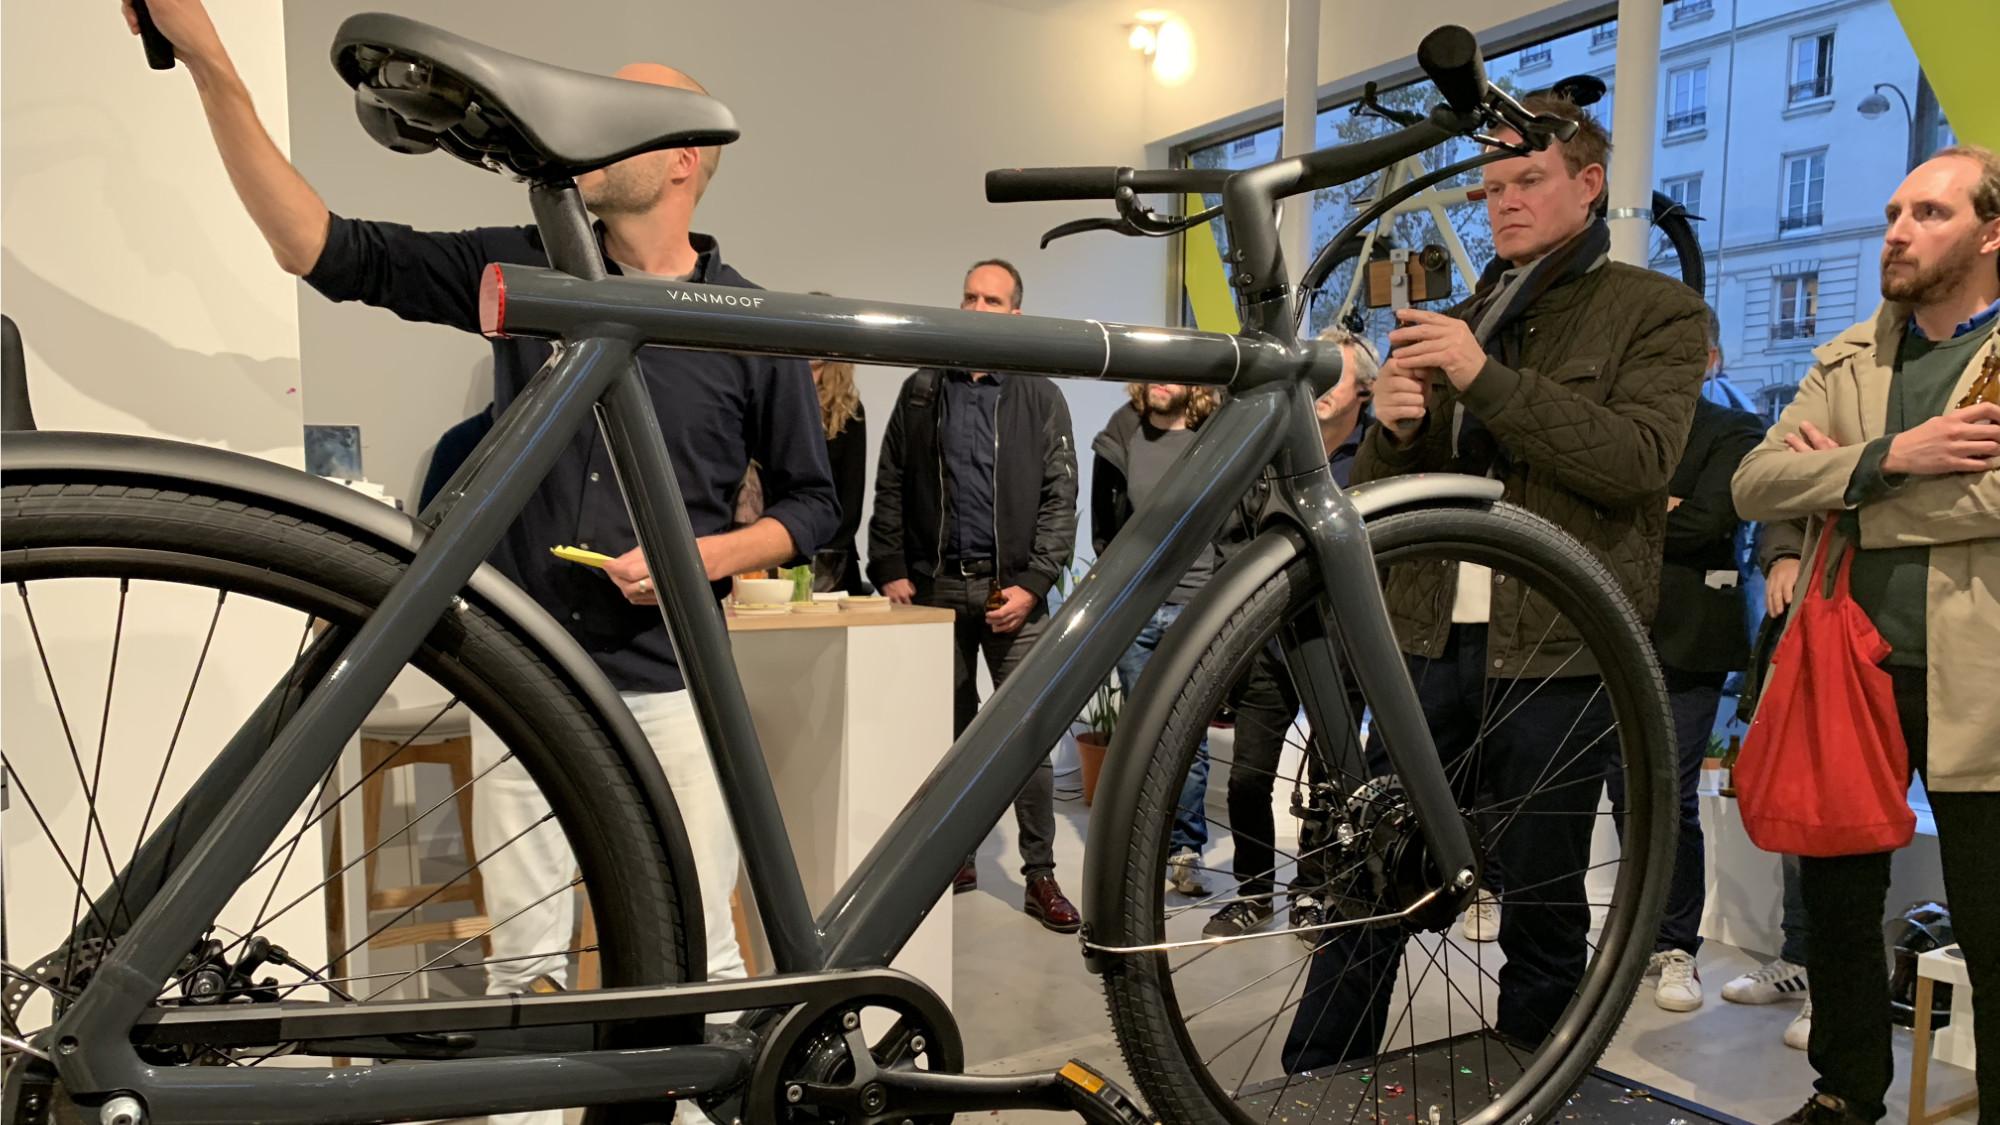 Le Tesla des vélos » VanMoof pose ses valises en France et